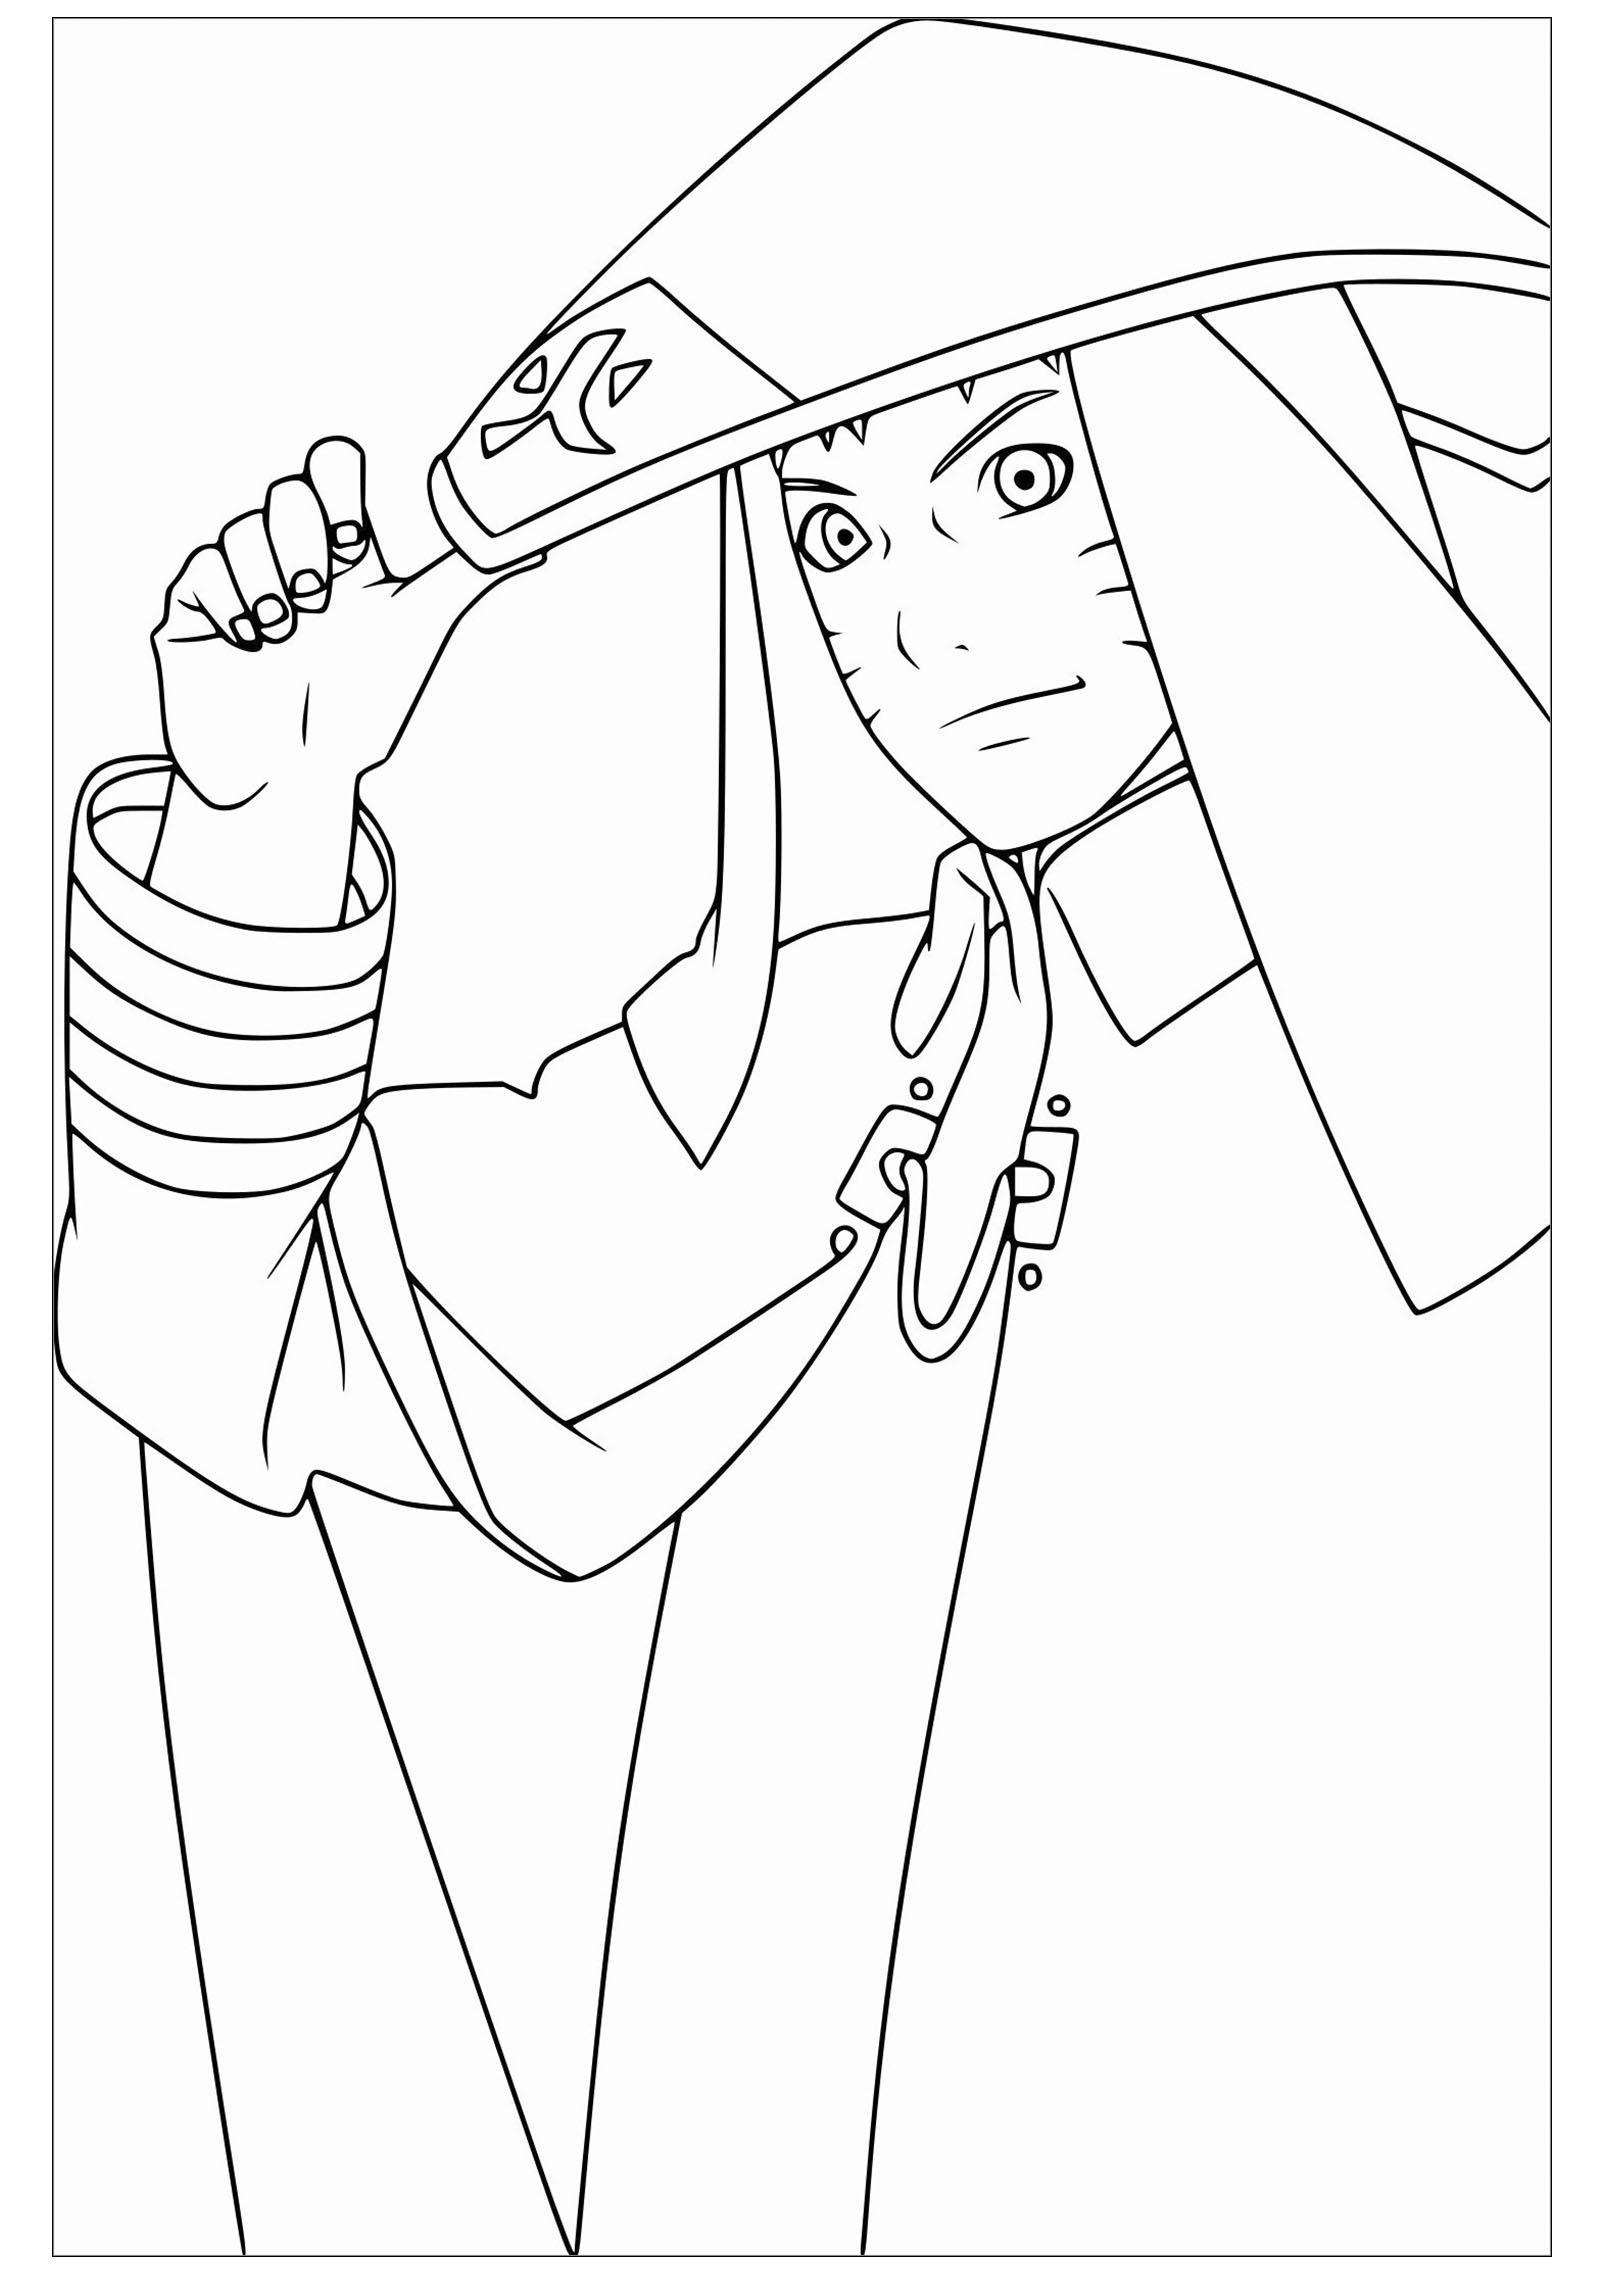 Naruto - Coloriage Naruto - Coloriages Pour Enfants avec Dessin De Naruto